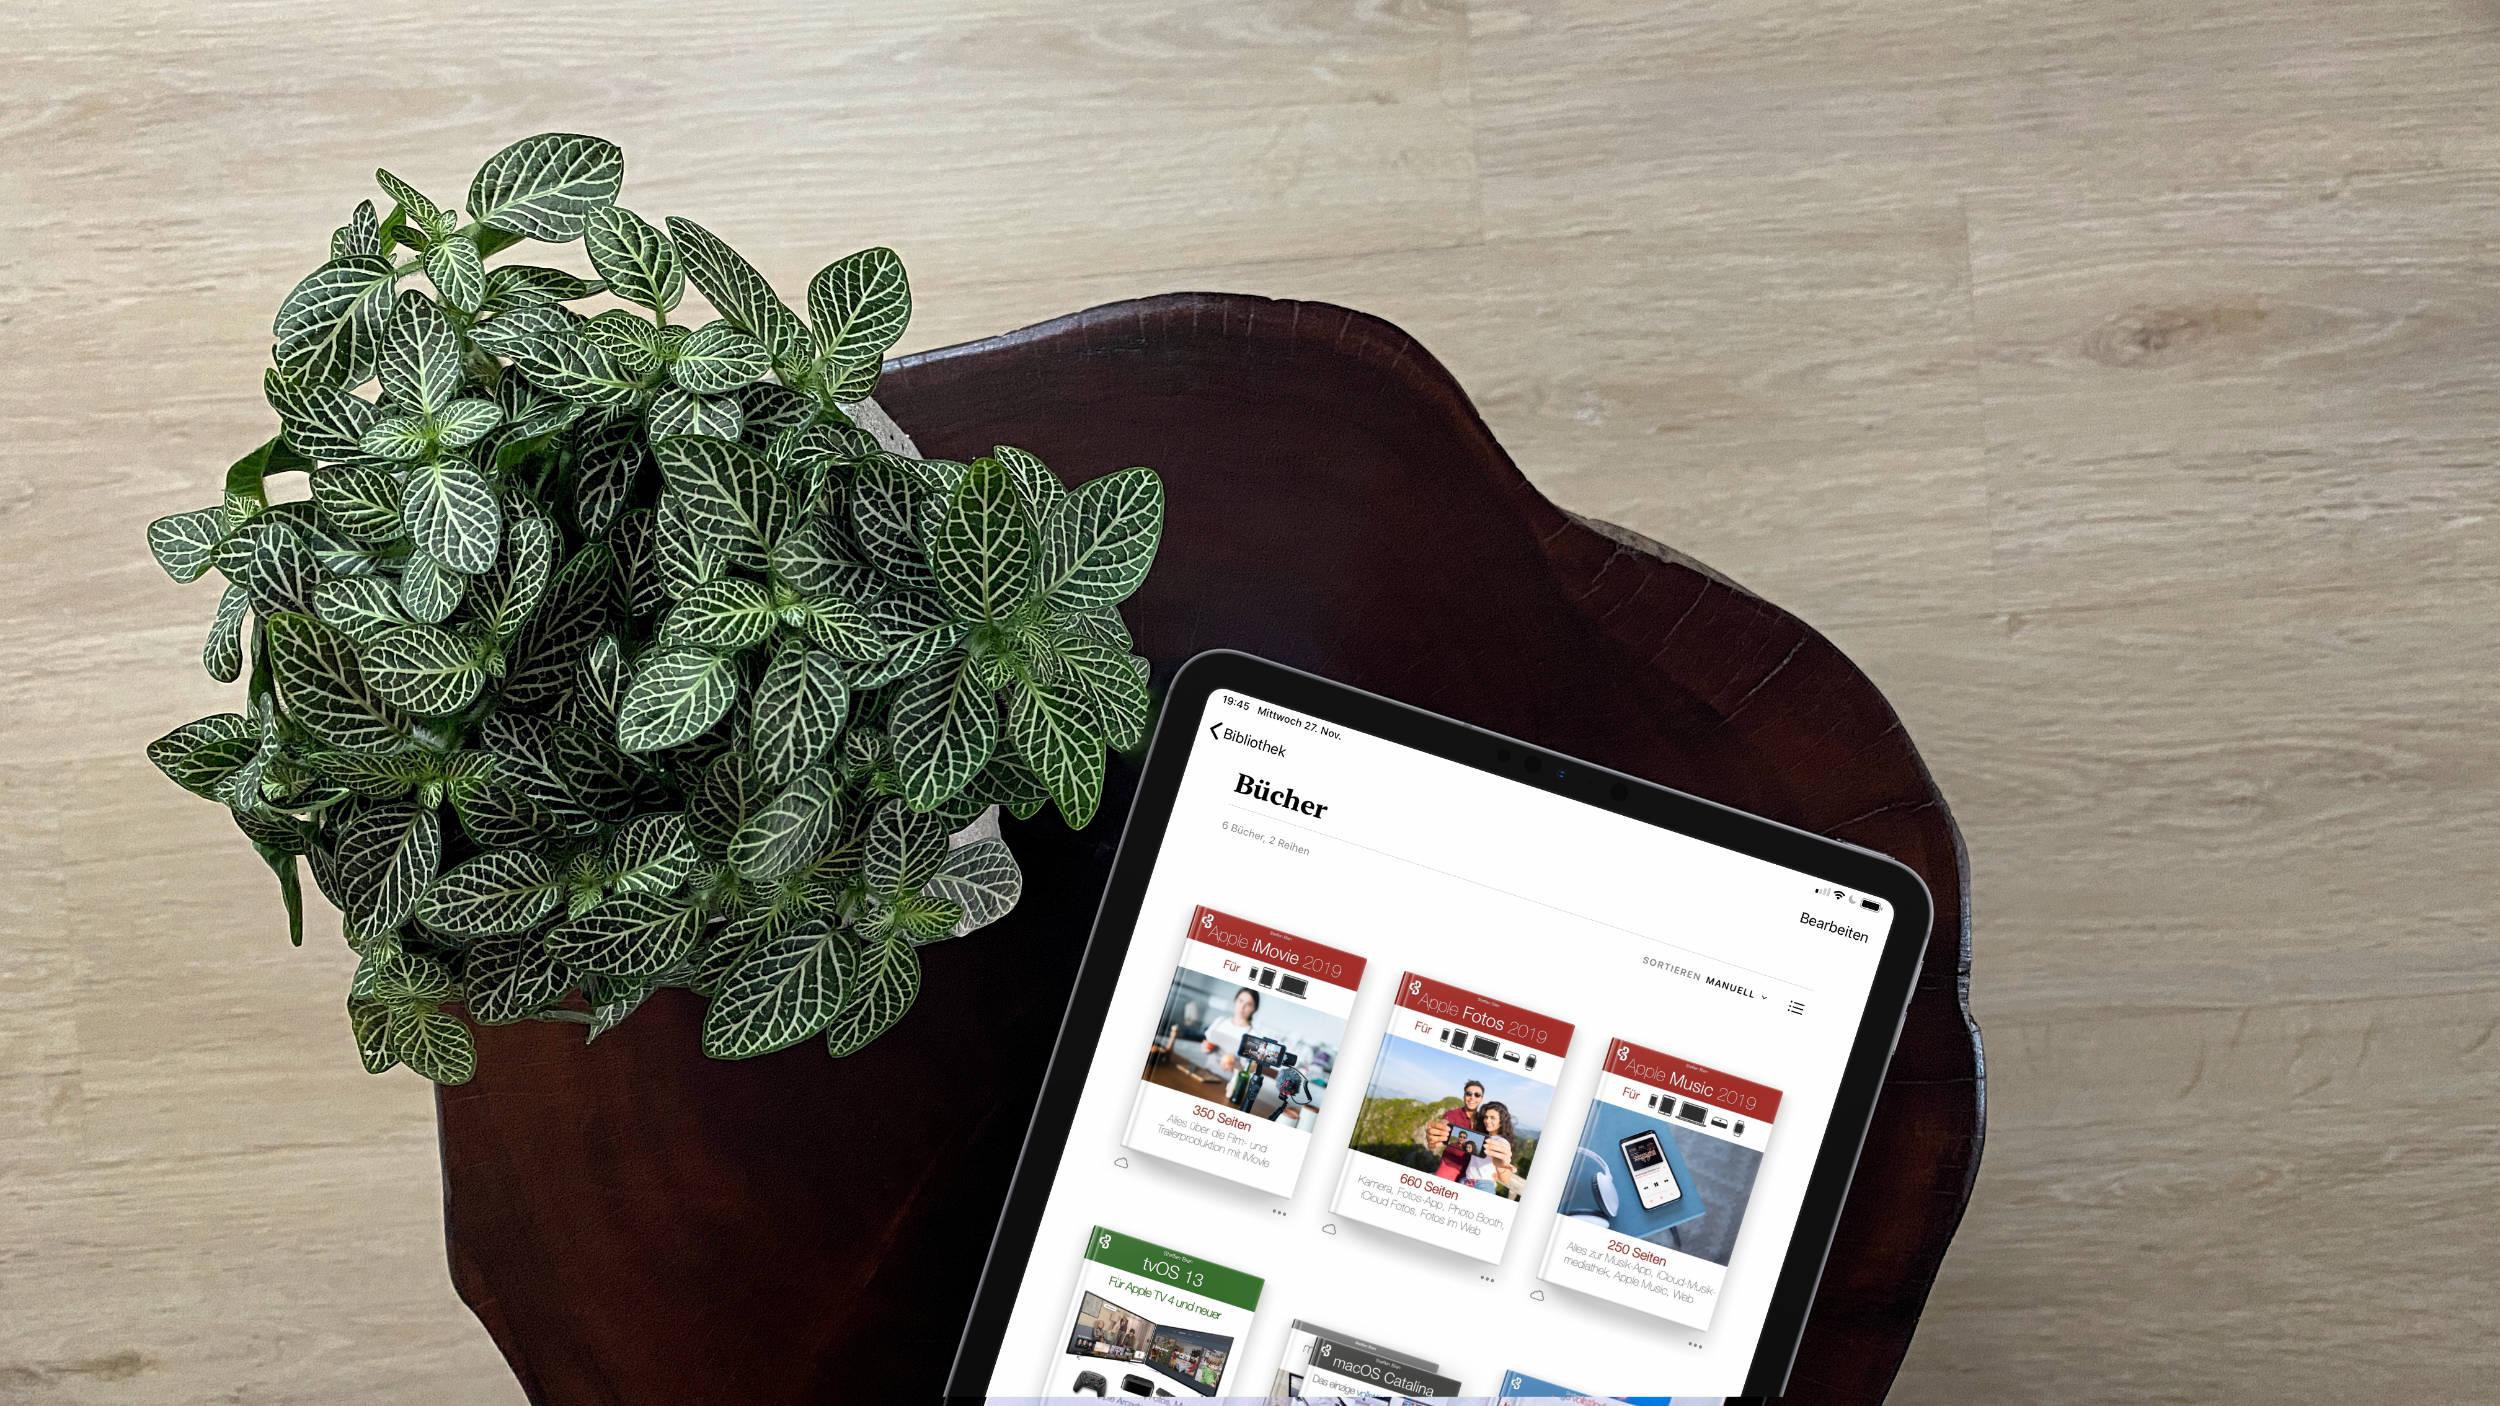 Fachbücher_Apple_Music_Fotos_iMovie_iPad_Bücher_Steffen_Bien Hilfe mit Fachbüchern zu Apple Music, Fotos und iMovie